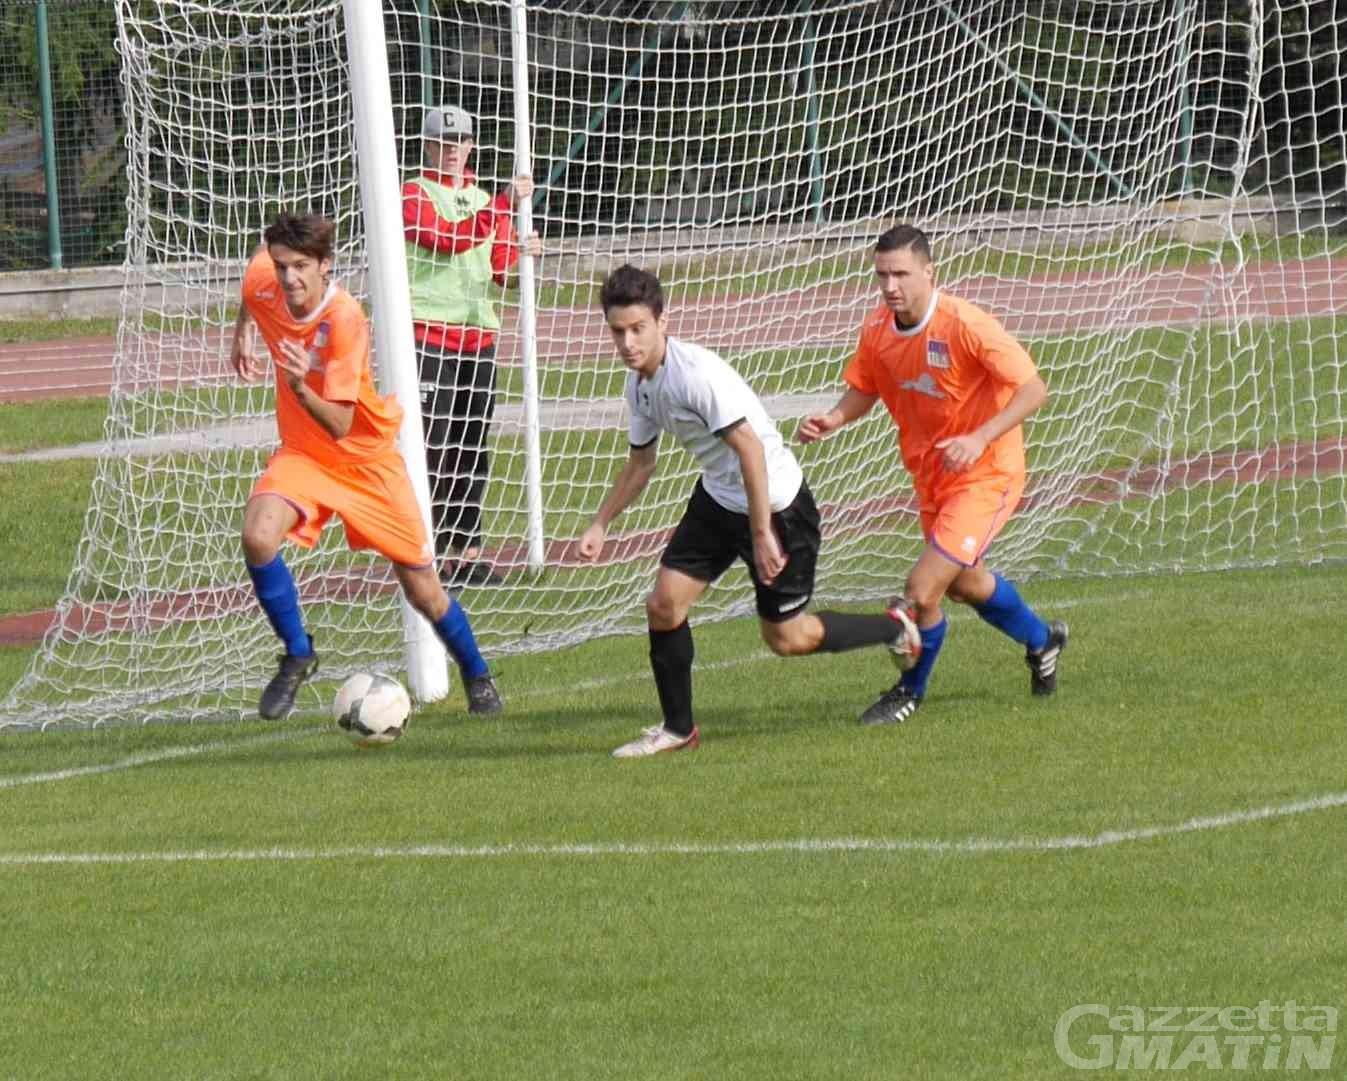 Calcio: una doppietta di Turato fa felice l'Aygreville